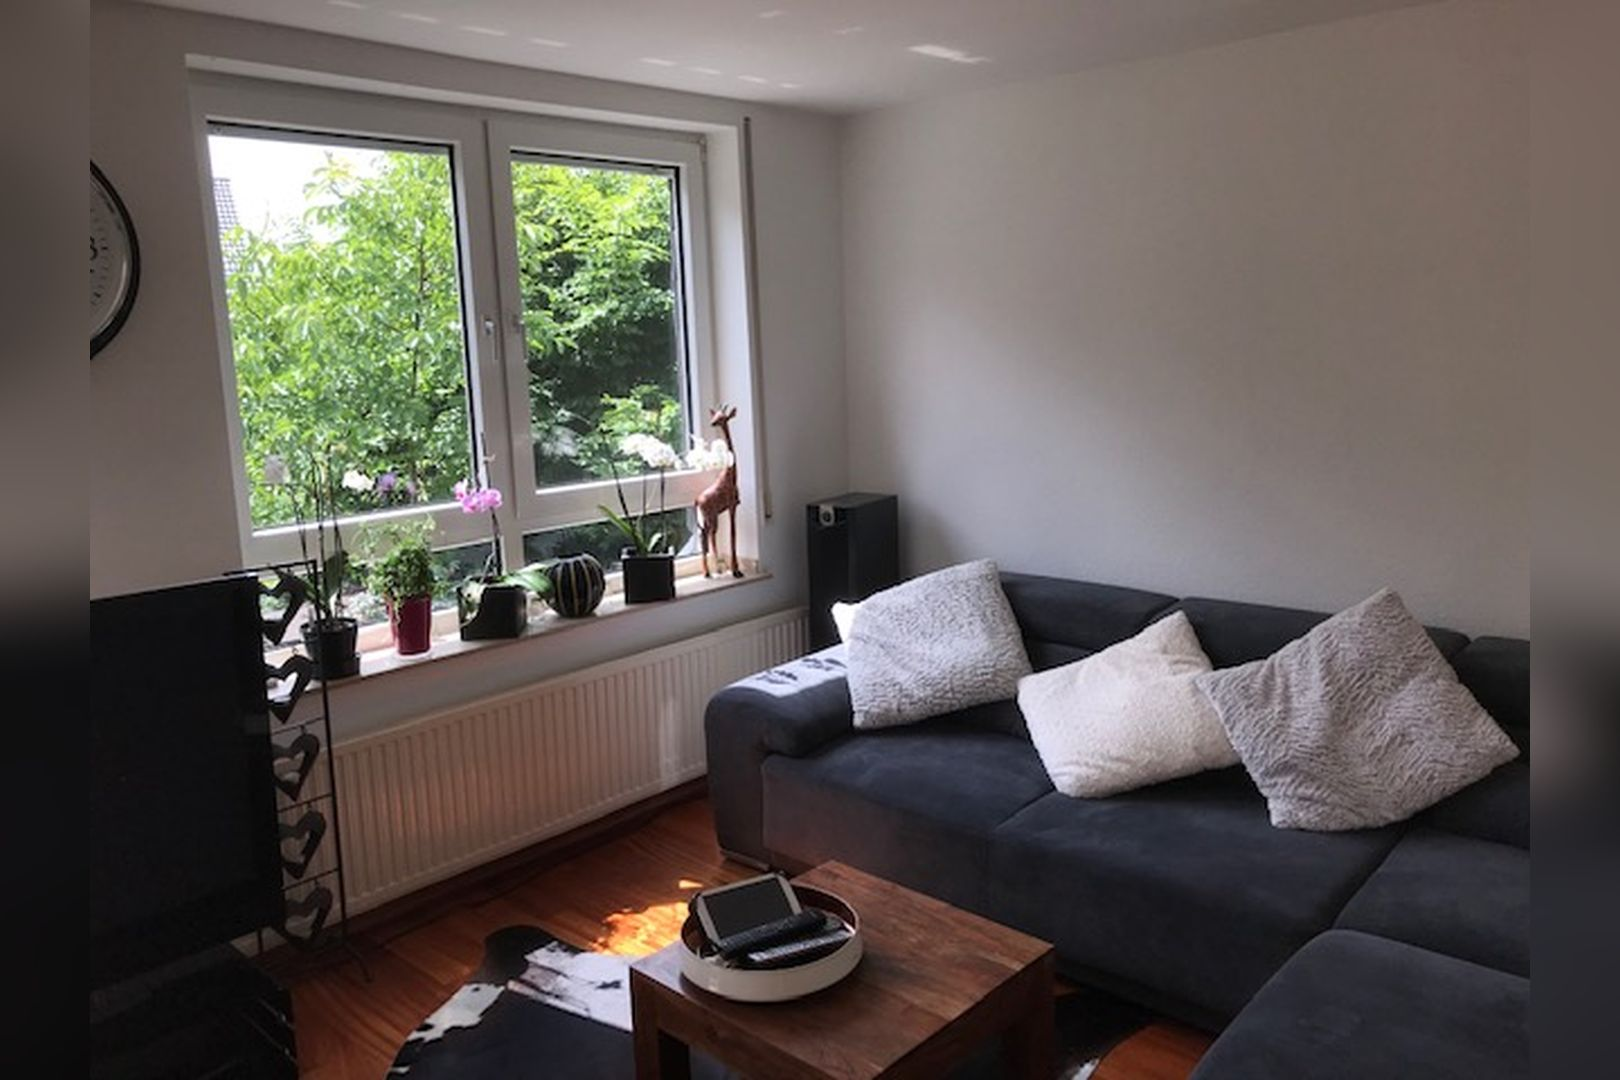 Immobilie Nr.0264 - großzügige Vier-Raum-Wohnung mit Riesenkellerraum für Hobby etc. - Bild 8.jpg